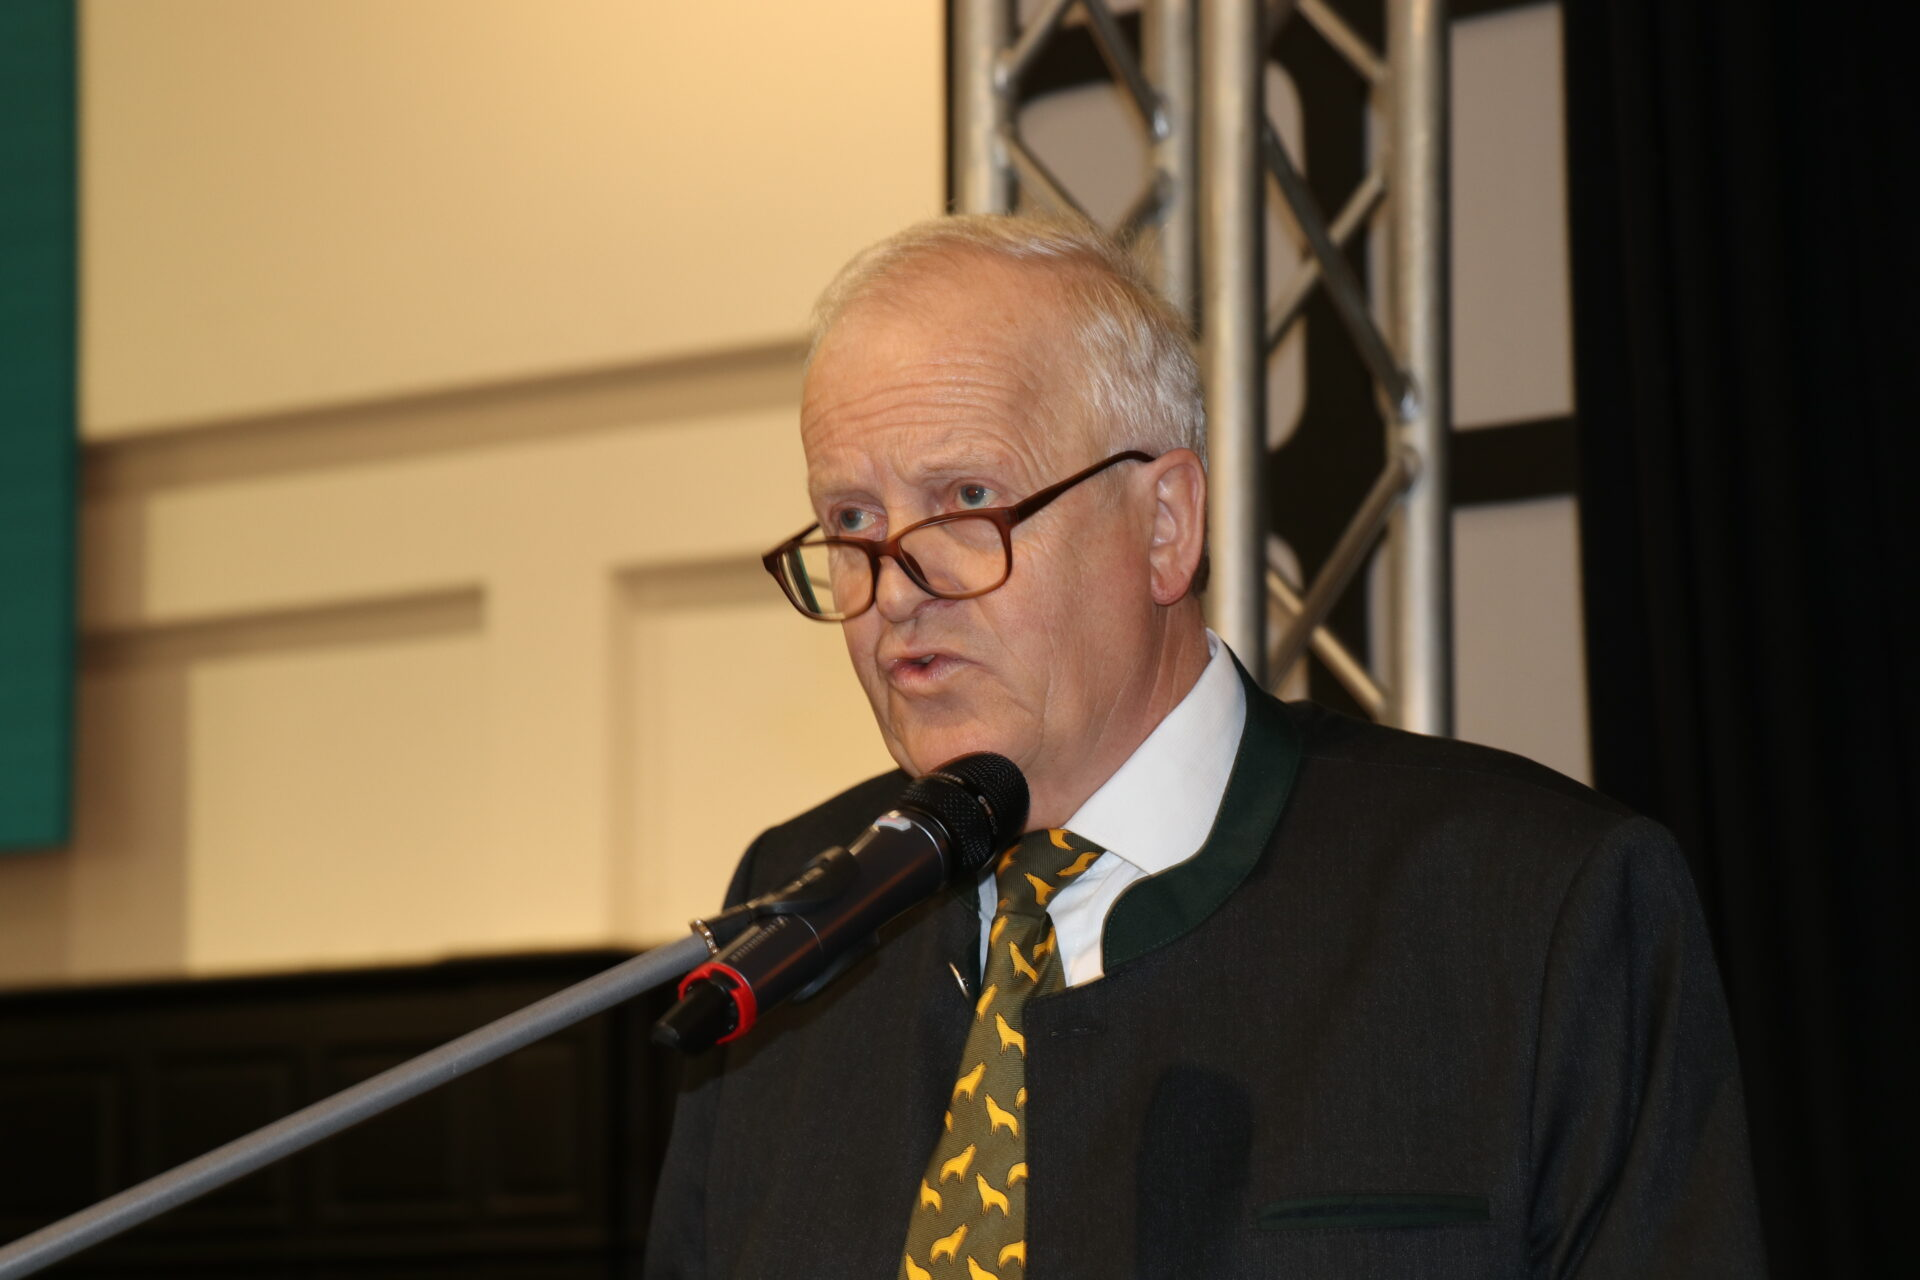 Volker Böhning LJV Mecklenburg Vorpommern